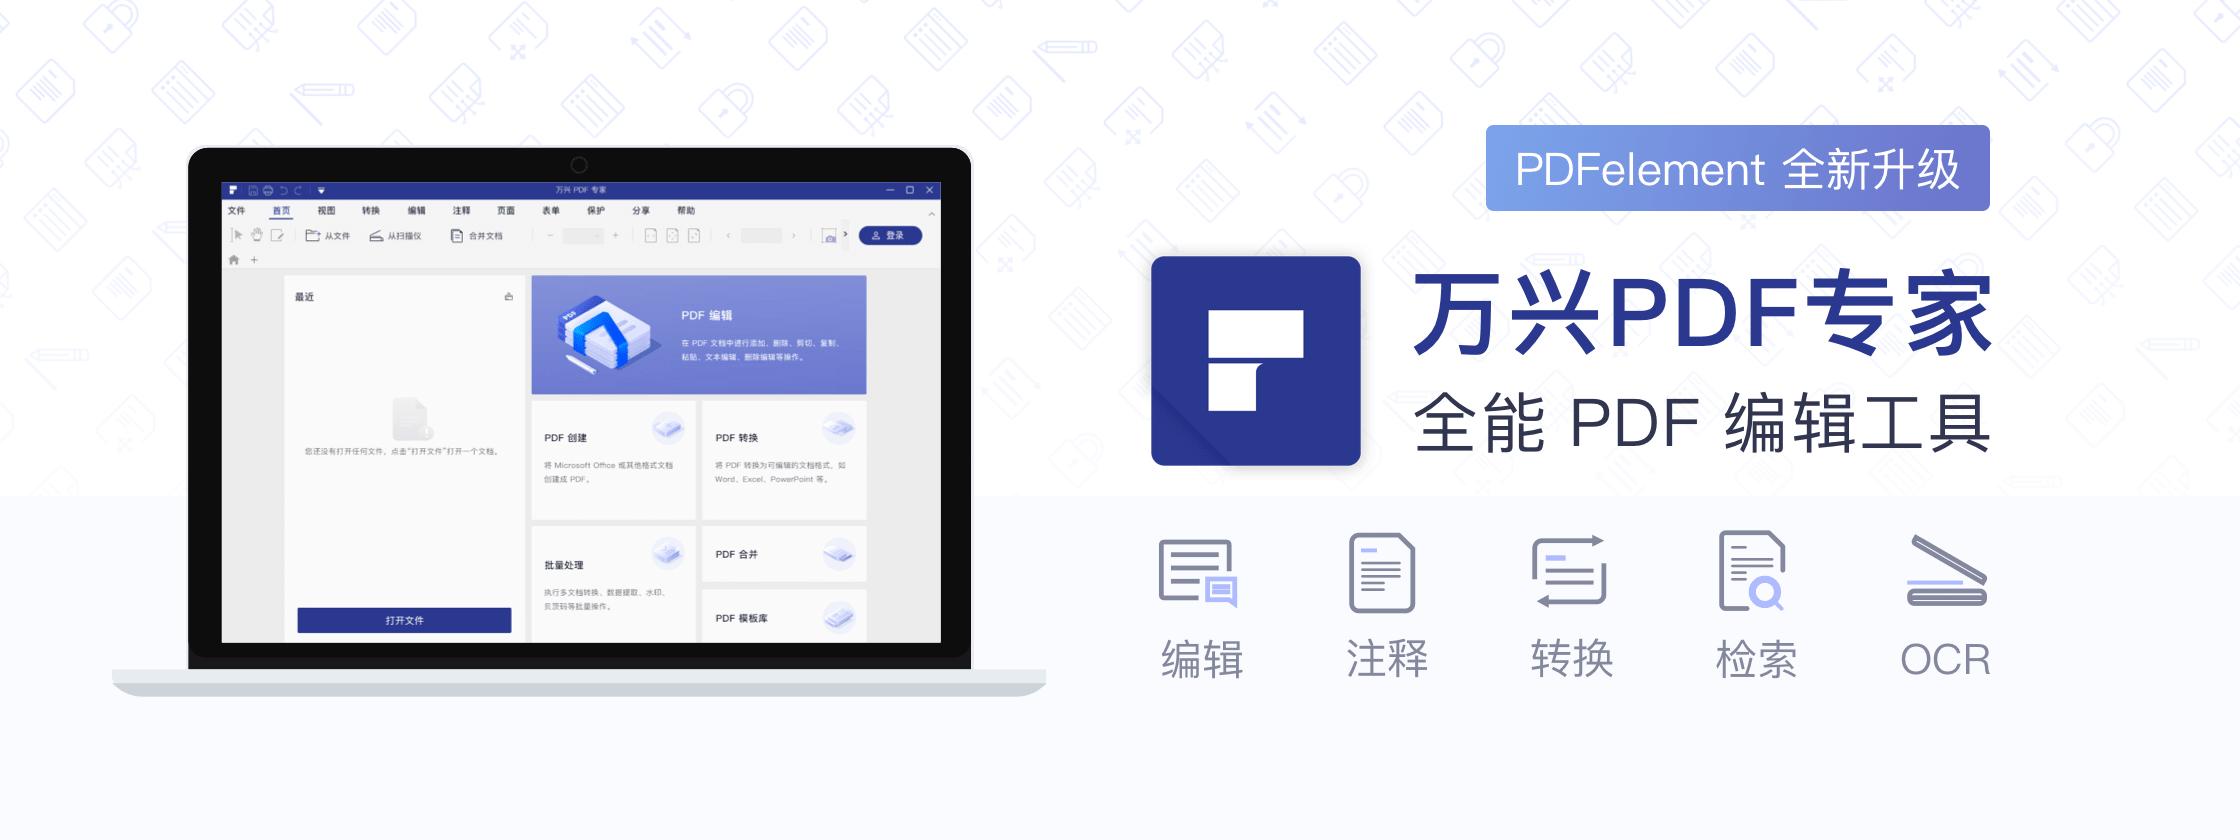 万兴 PDF 专家 – 全能型 PDF 编辑 / 转换工具